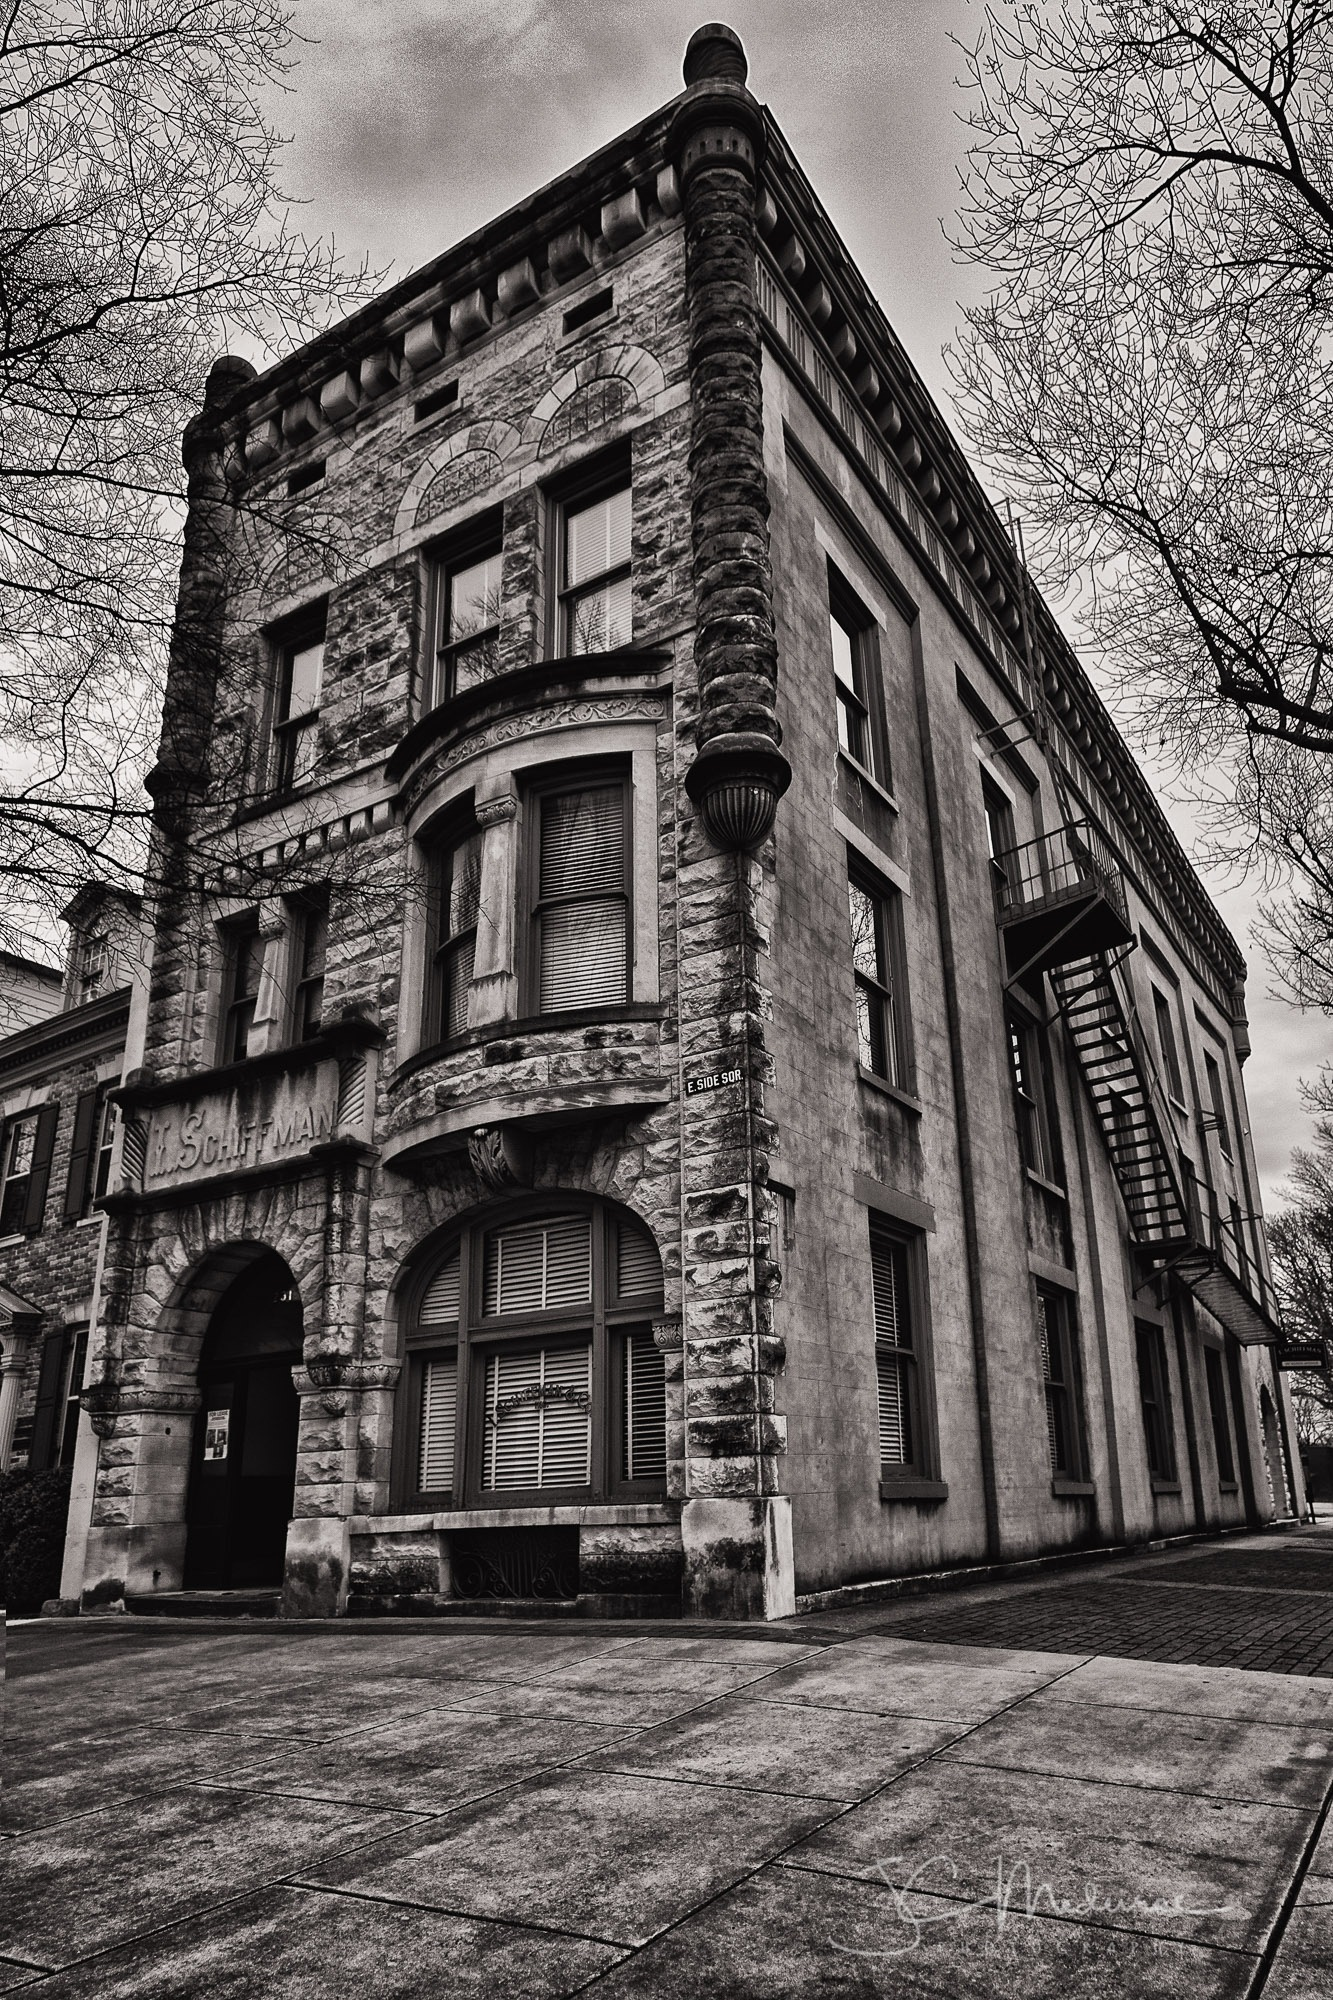 Schiffman Building by mxfan61